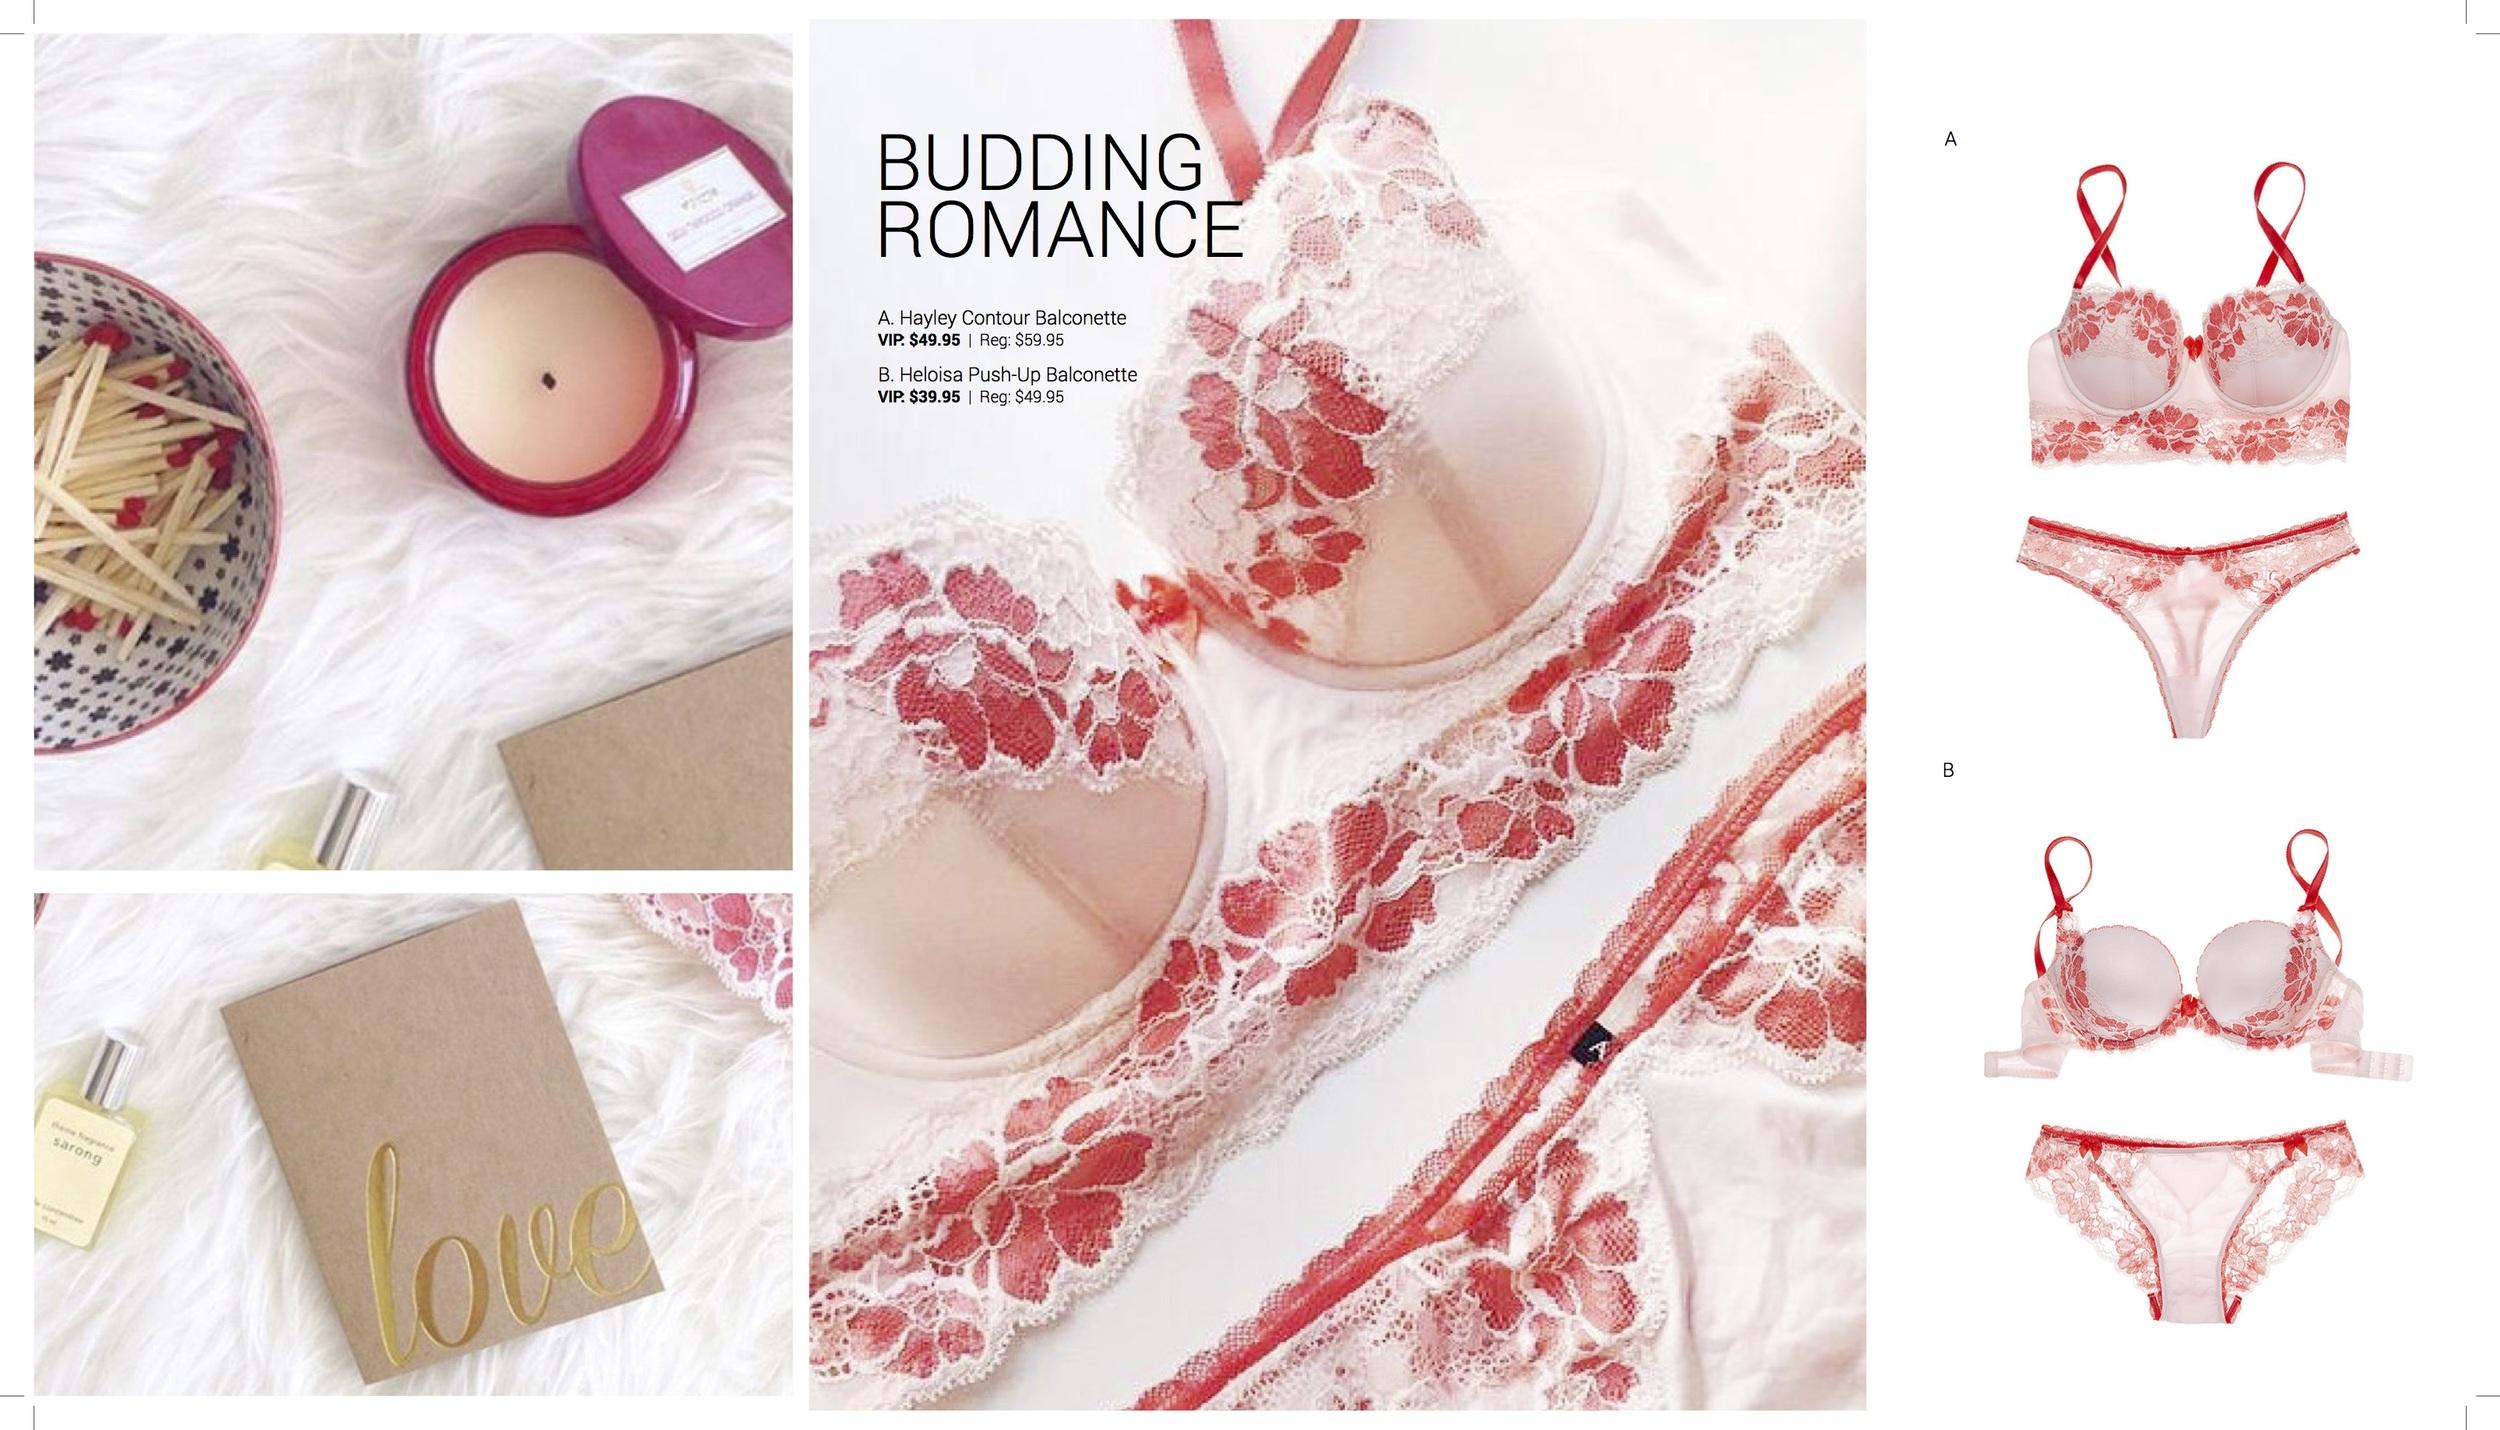 Adore Me Spring 2016 Budding Romance